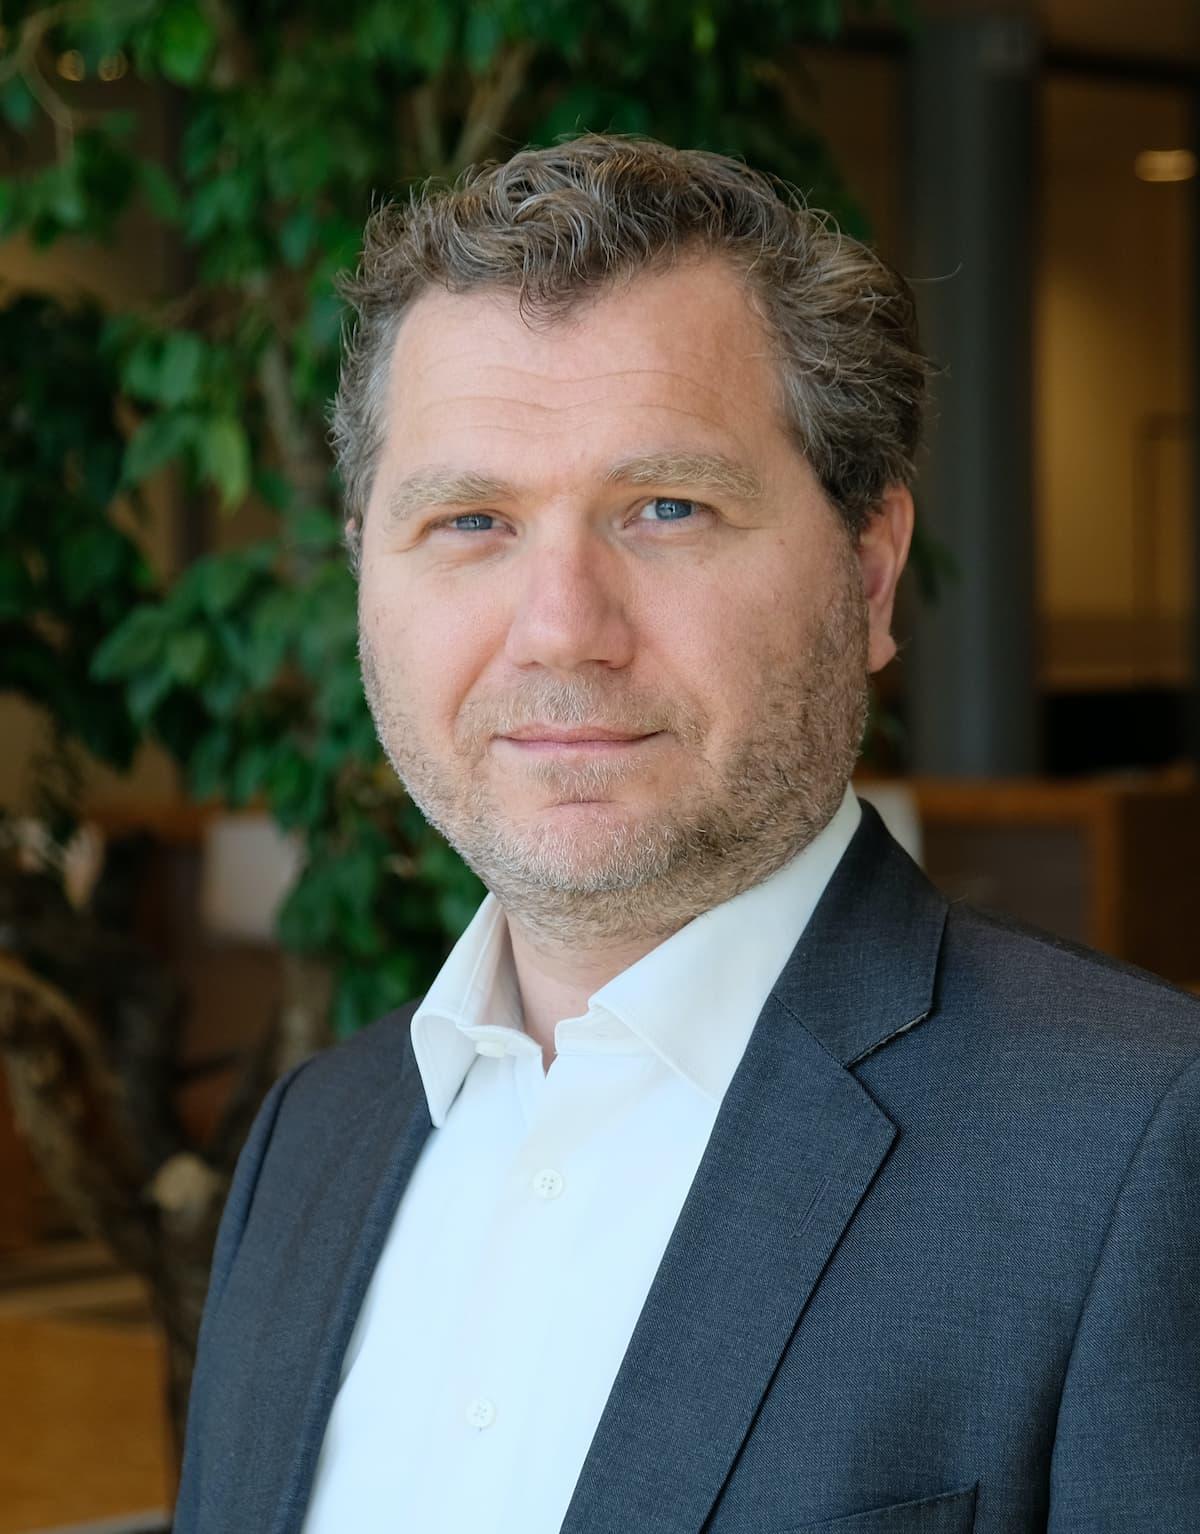 Jim van Hees